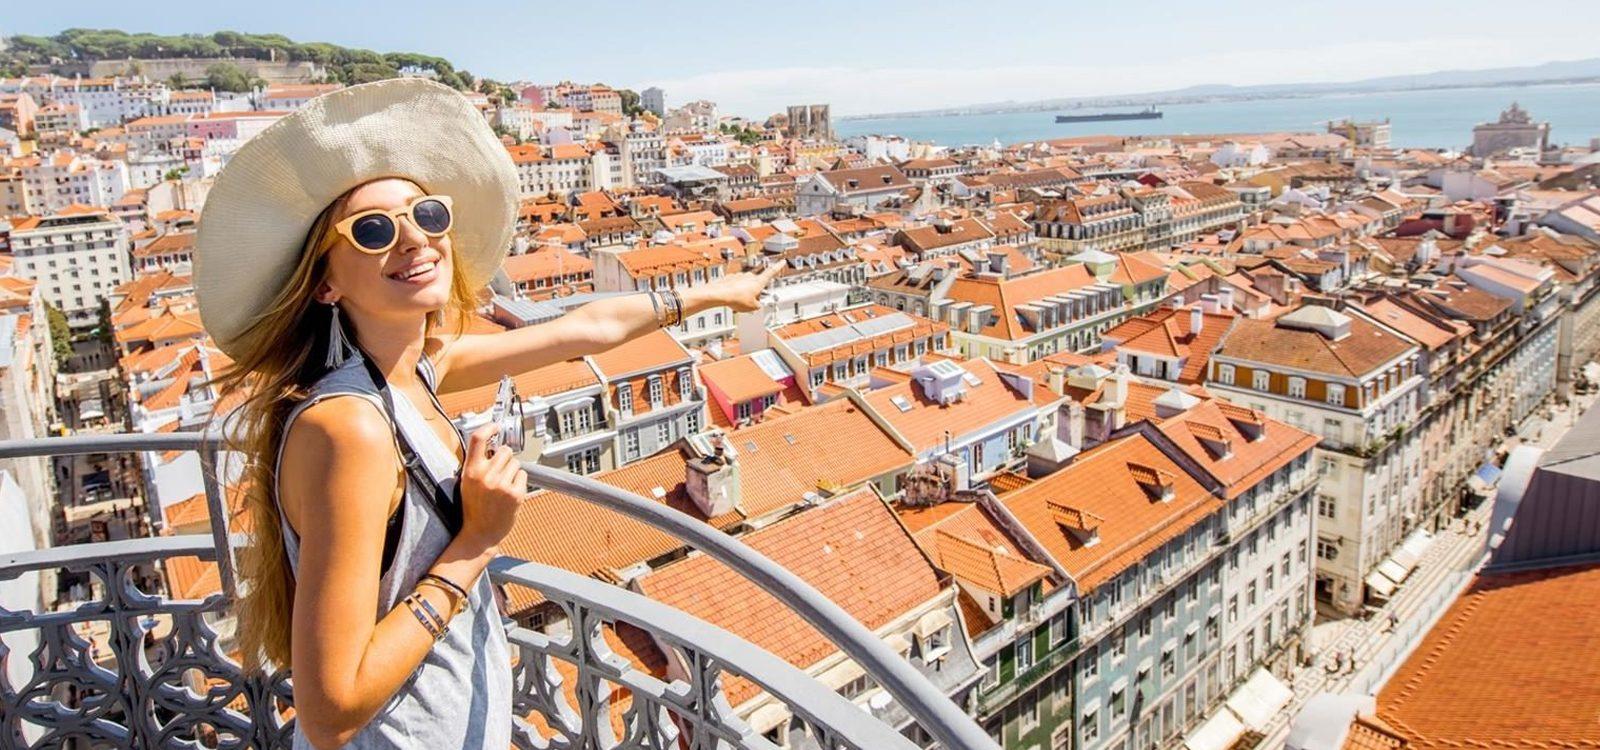 viajes a lisboa Portugal hoteles en el centro